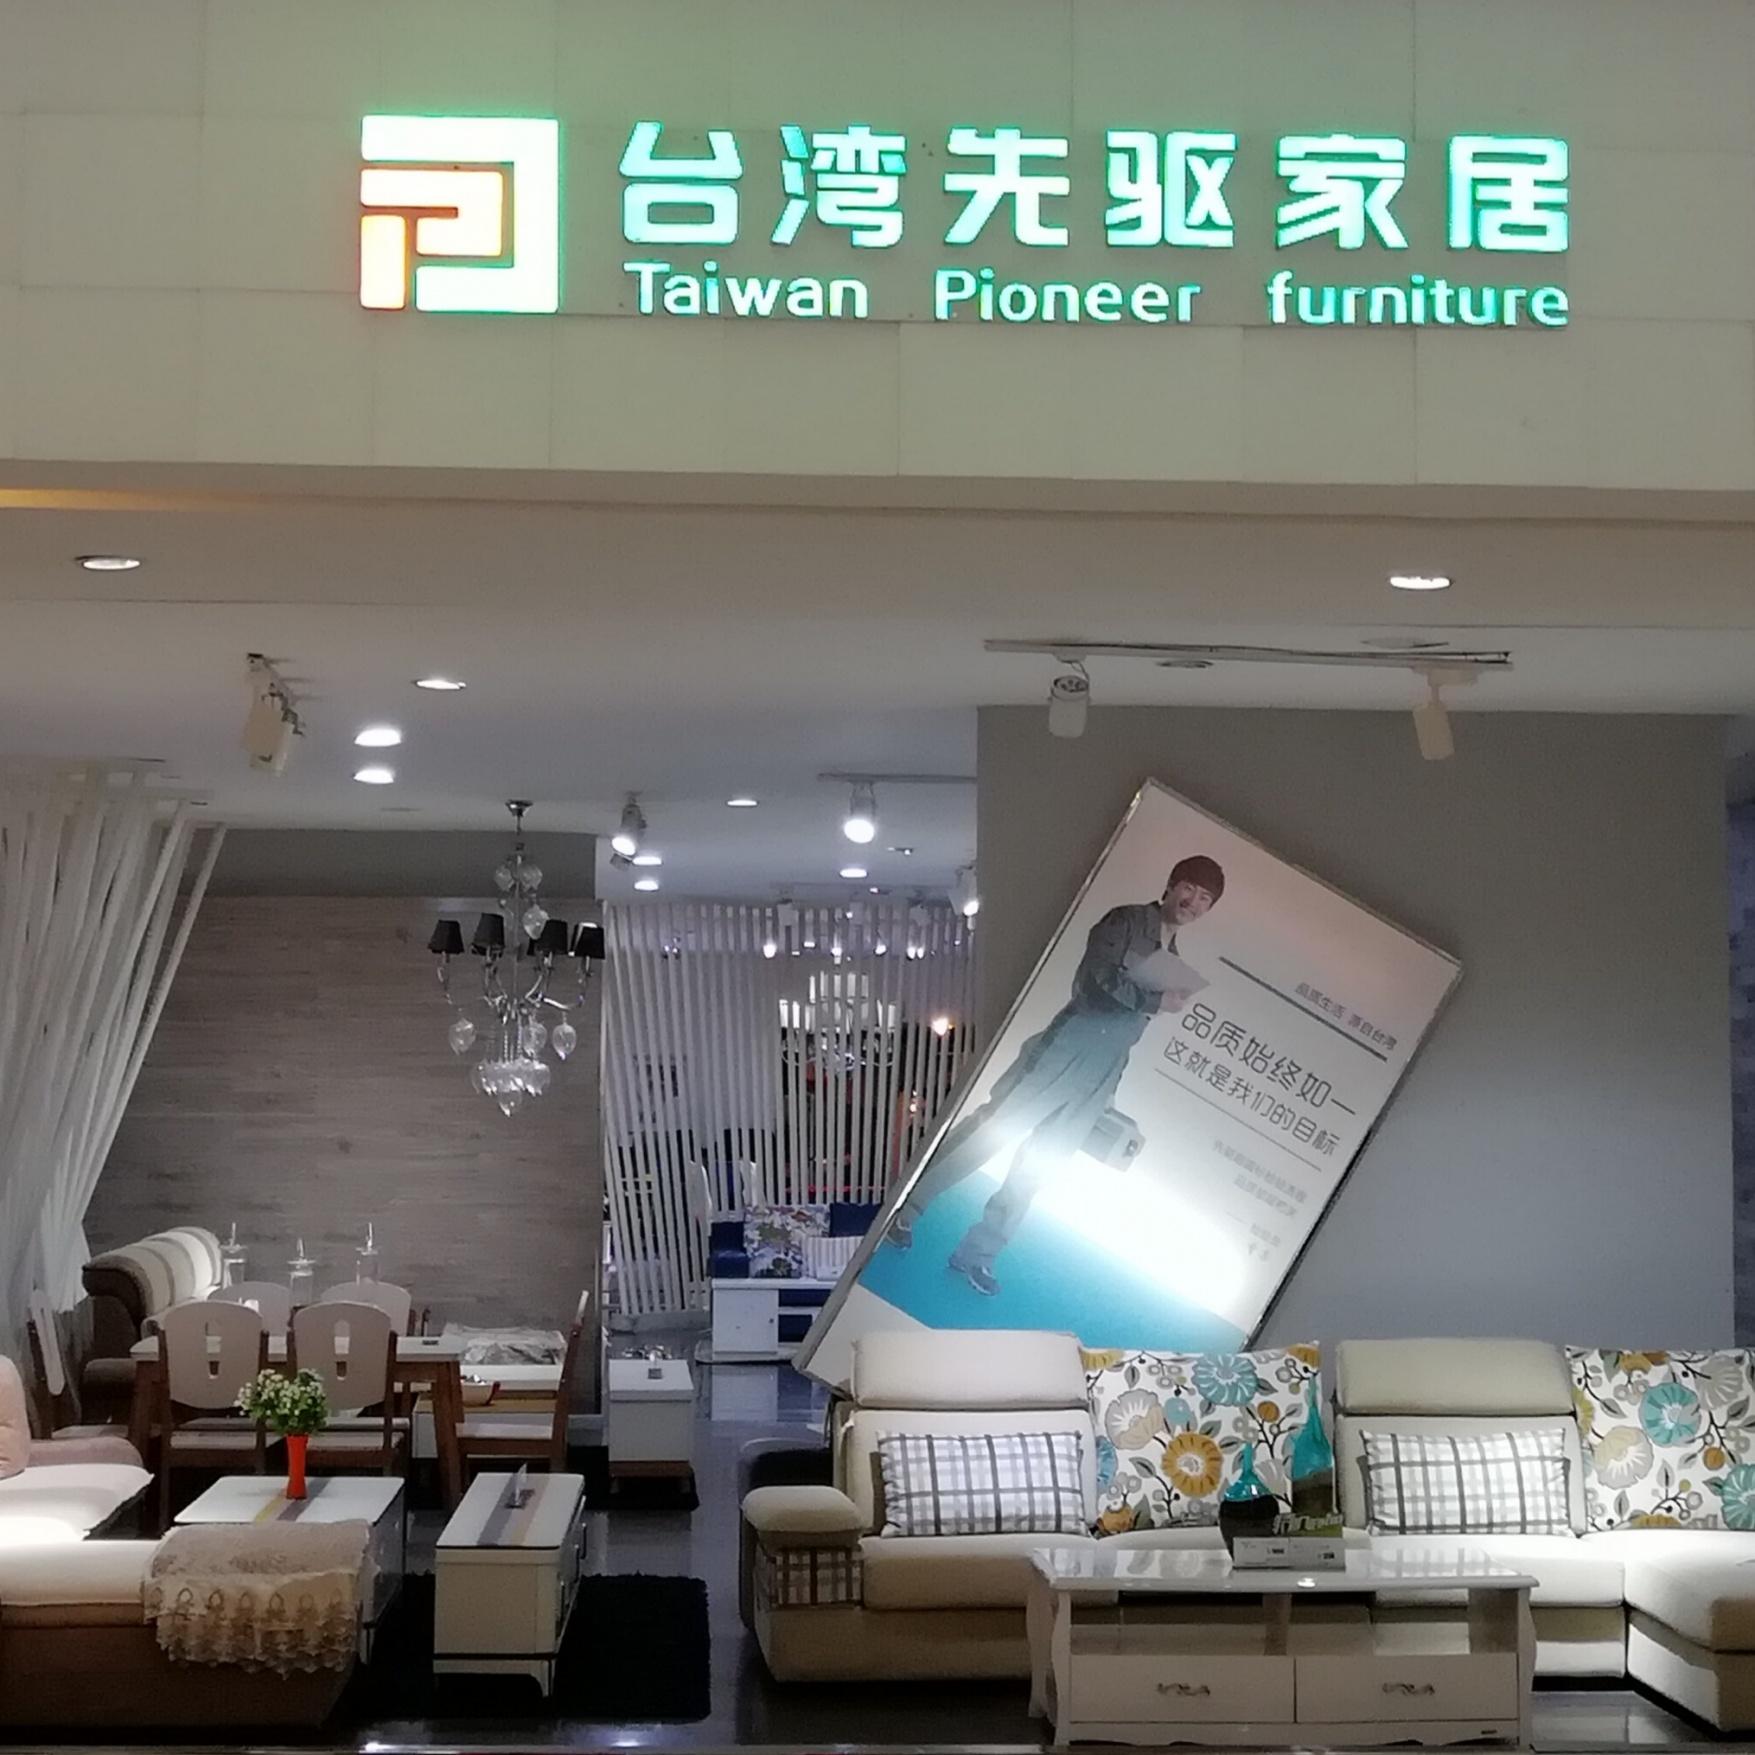 台湾先驱家居